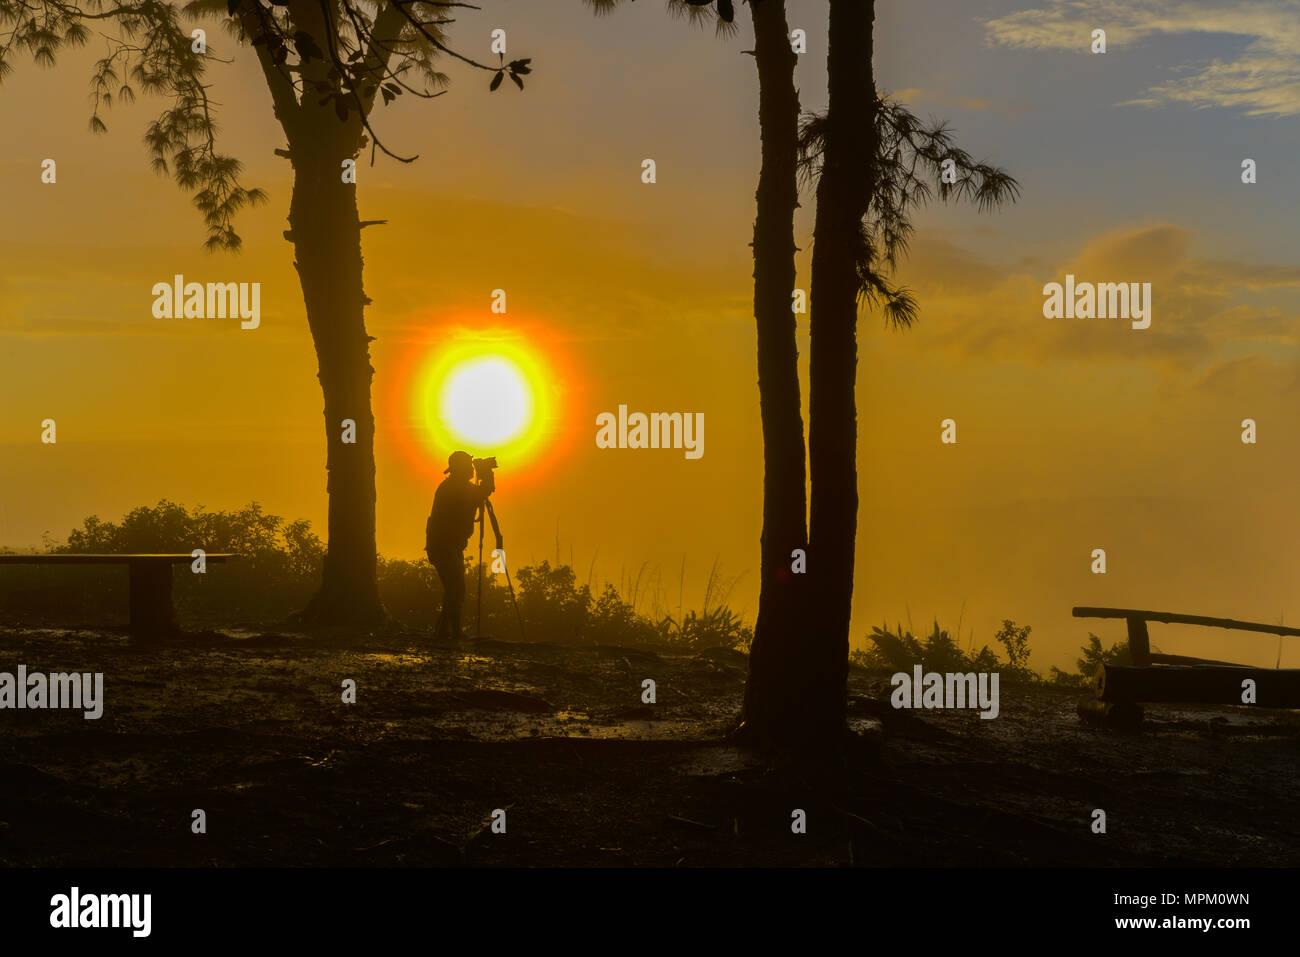 Onu-identificato fotografo foto riprese di bella vista sunrise nel parco nazionale della Thailandia Foto Stock